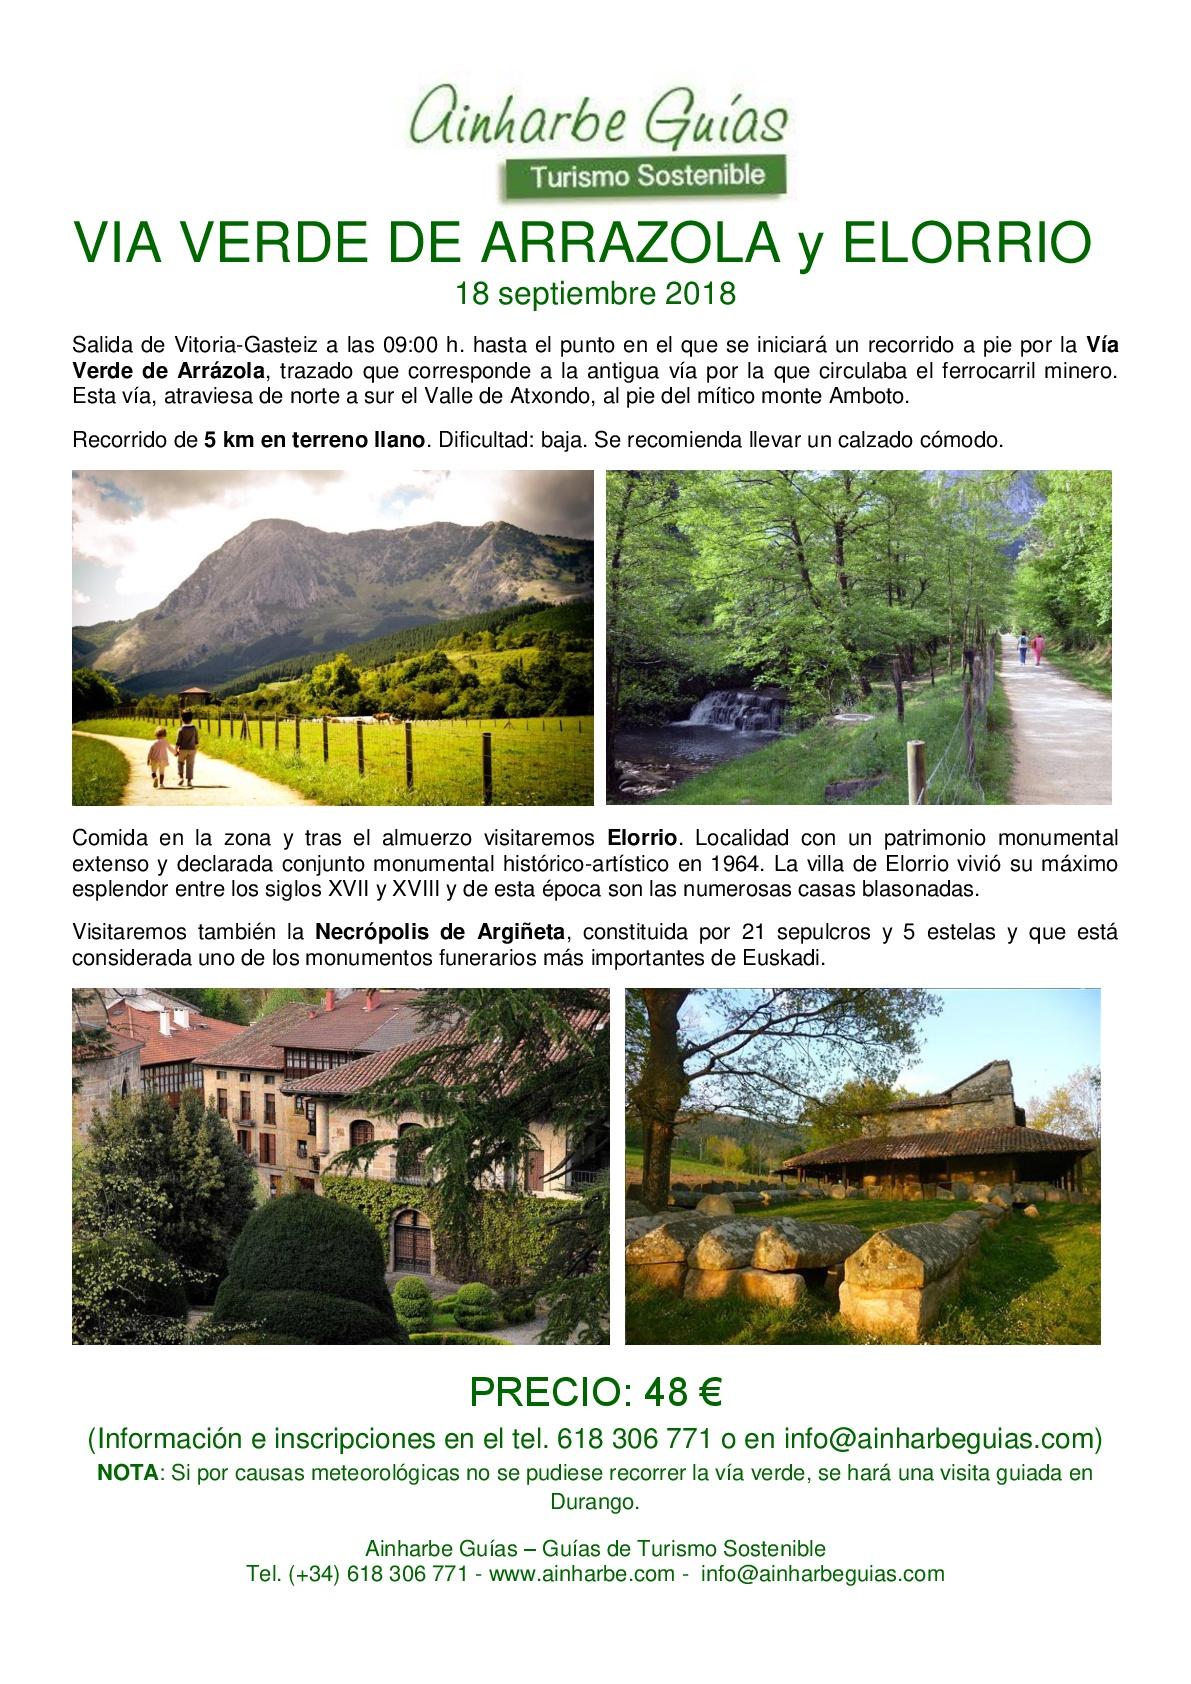 excursion VV ARRAZOLA y ELORRIO